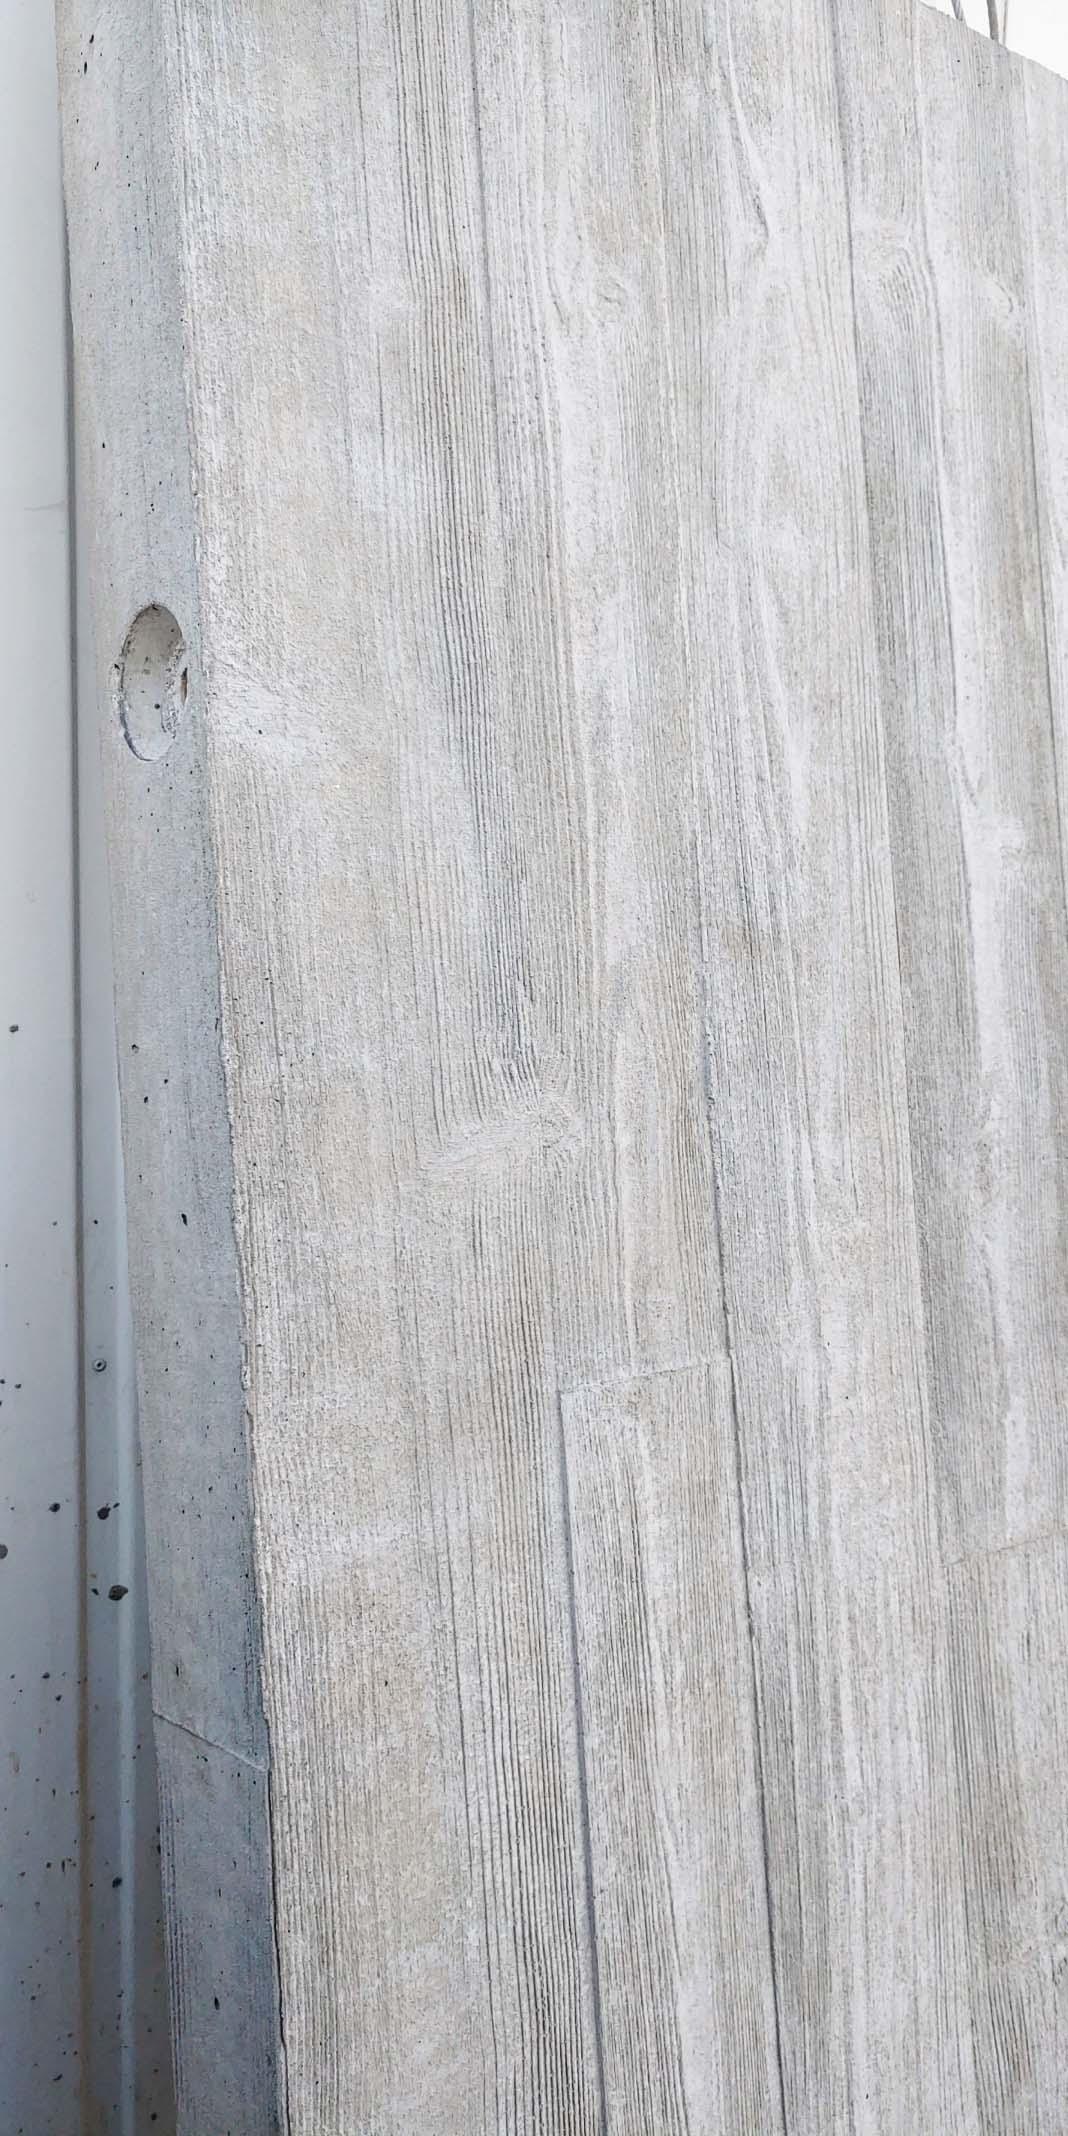 Mustertafel Betonfertigteil-Fassadenelement mit Matrizenschalung